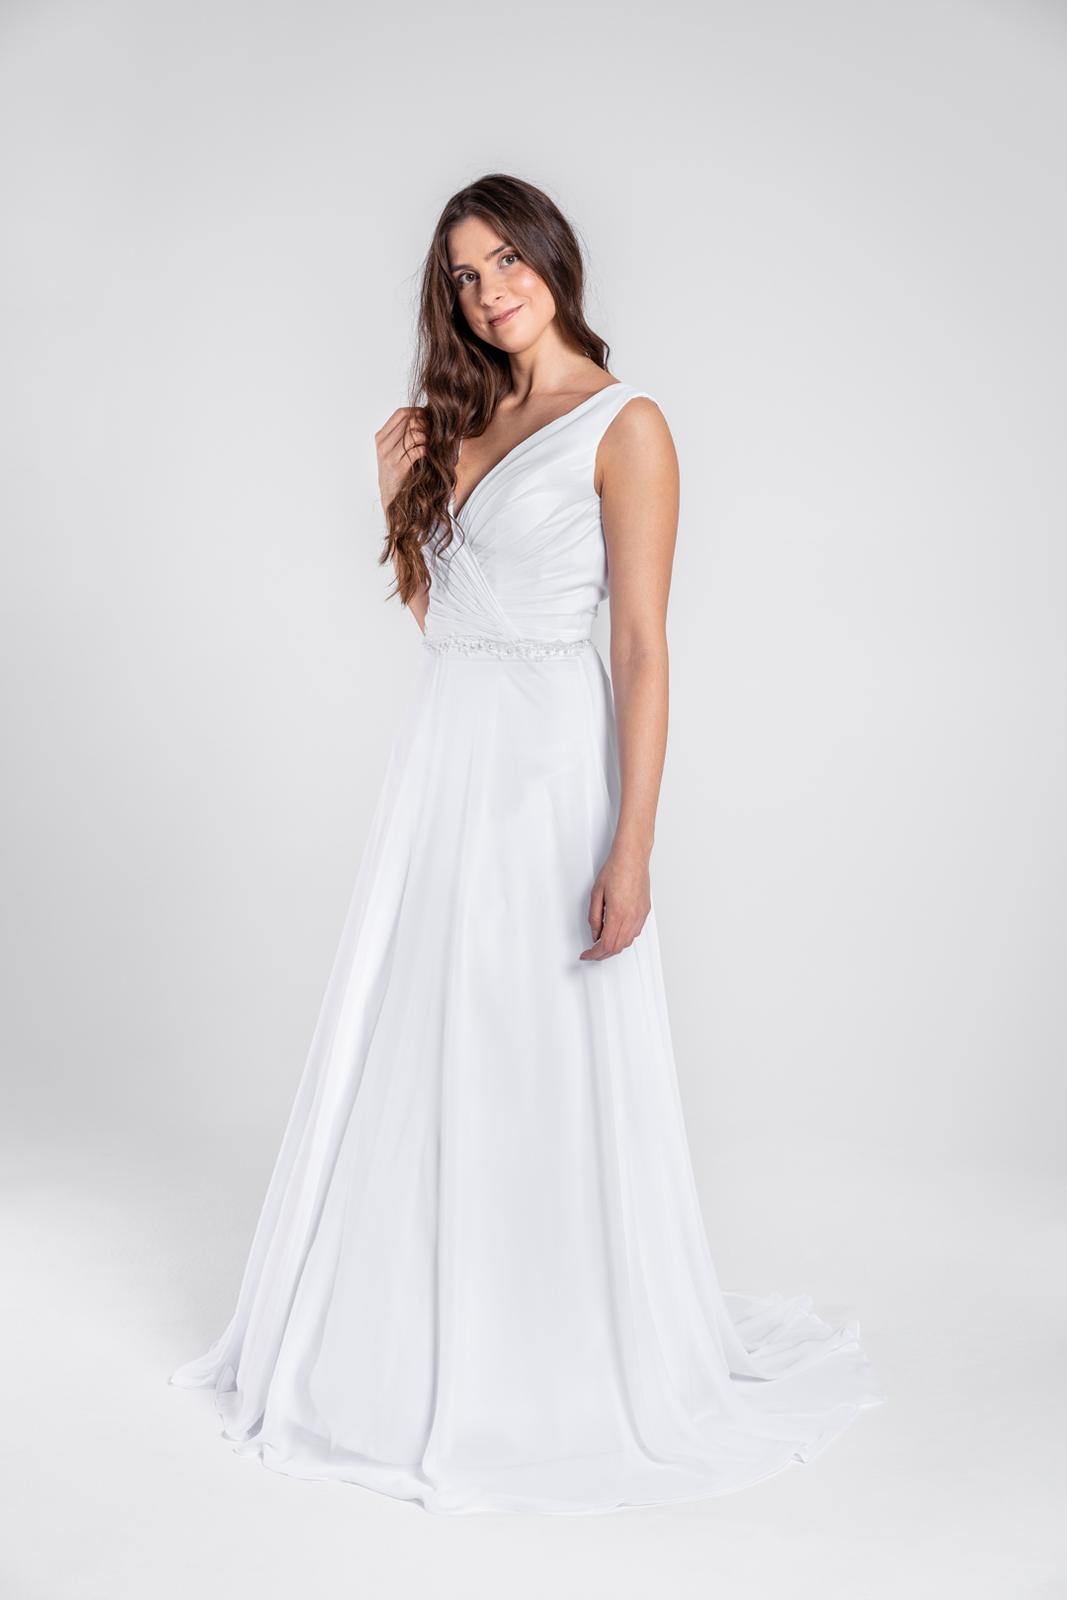 Překrásné jednoduché svatební šaty 36-42 - Obrázek č. 1